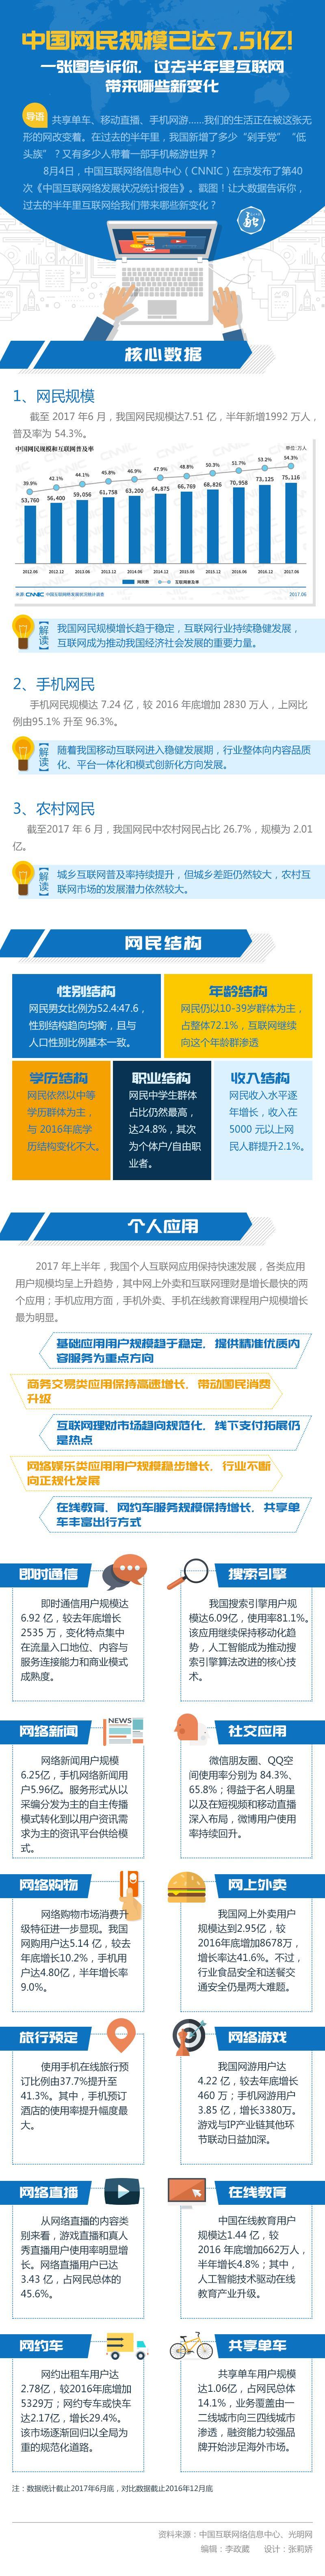 中国网民规模已达7.51亿!一张图告诉你,过去半年互联网带来哪些新变化